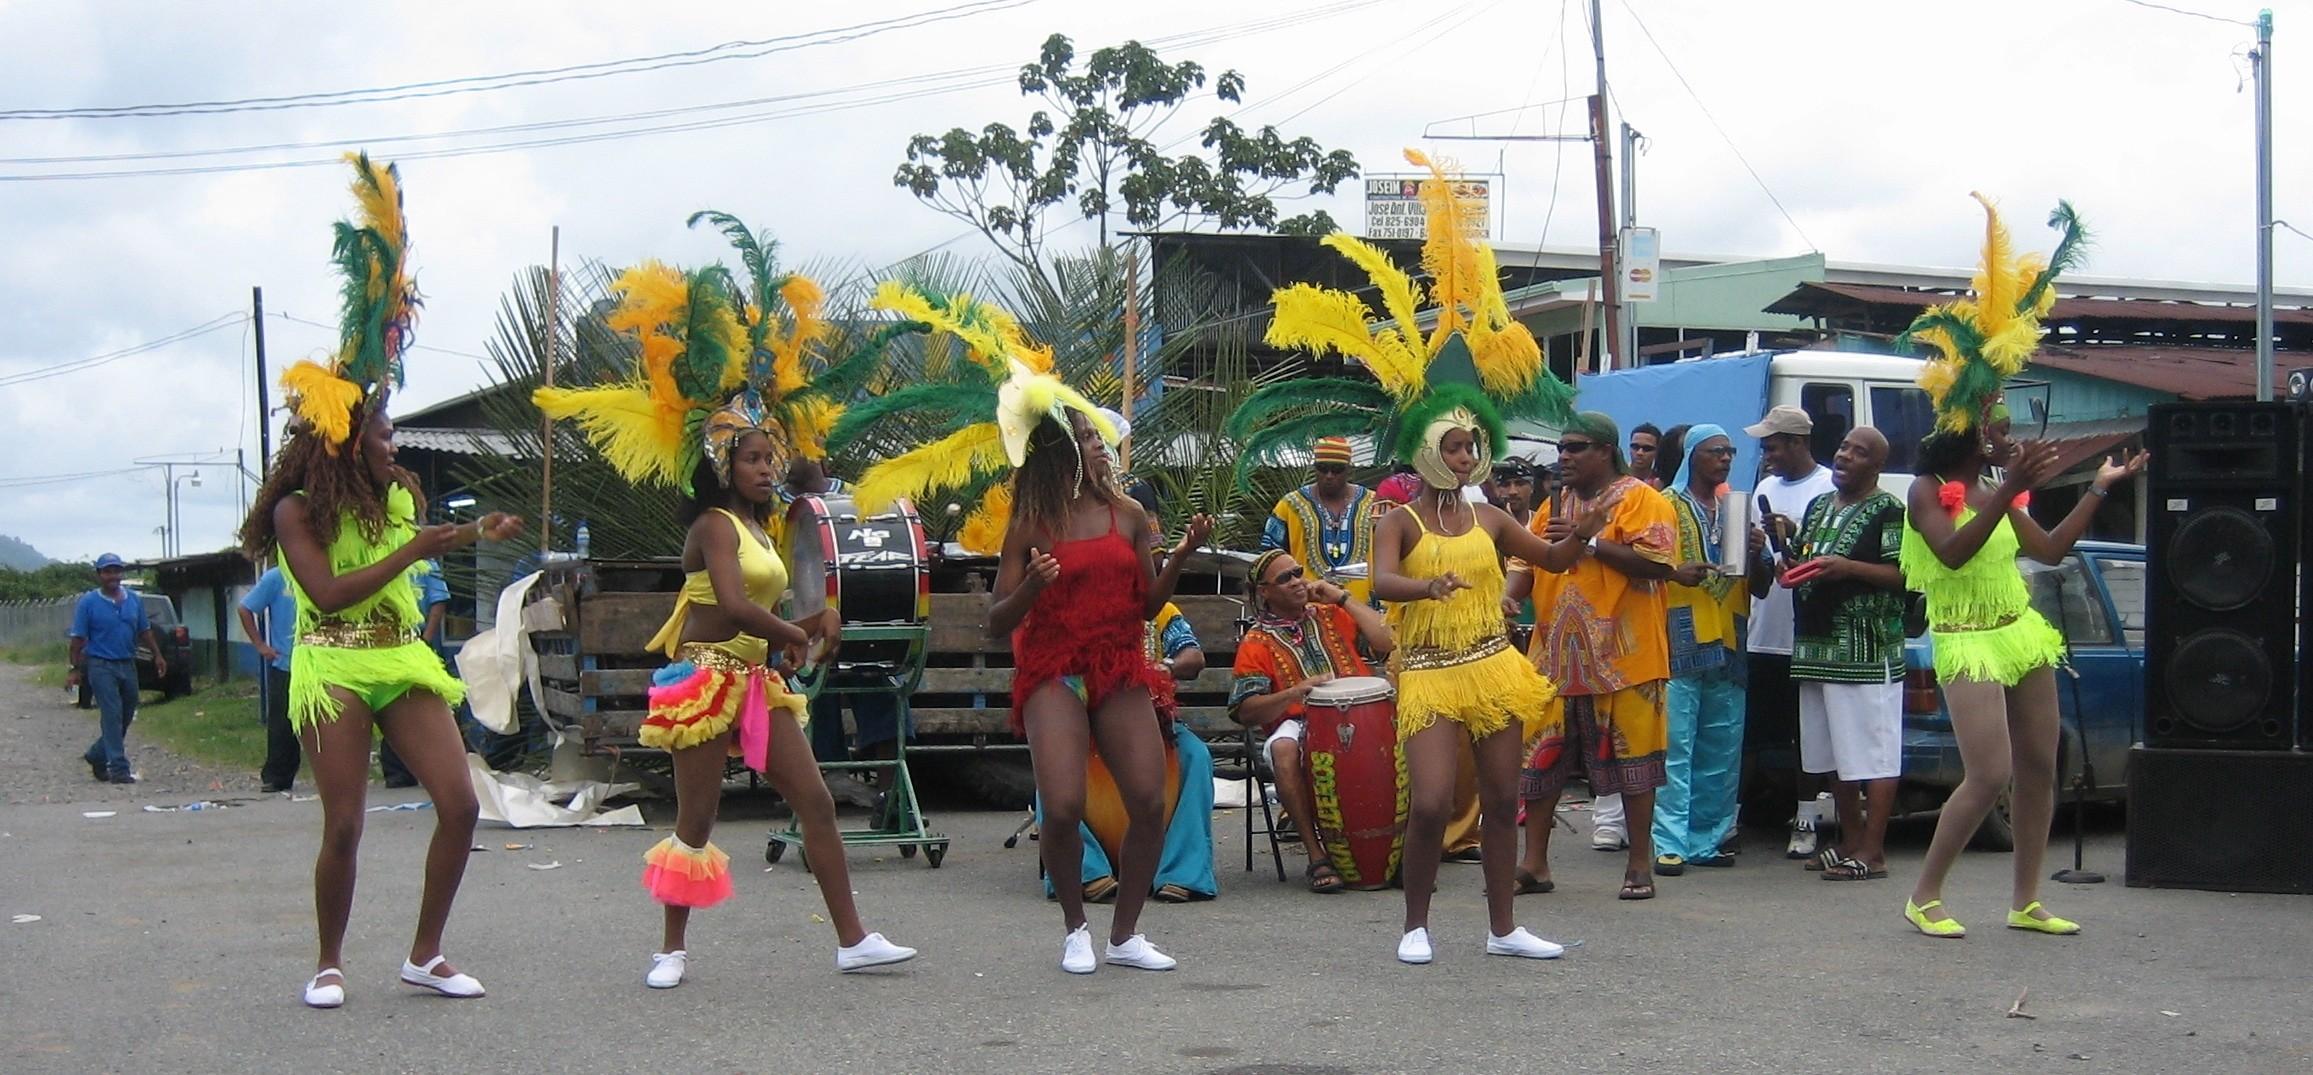 Carnaval de puerto viejo